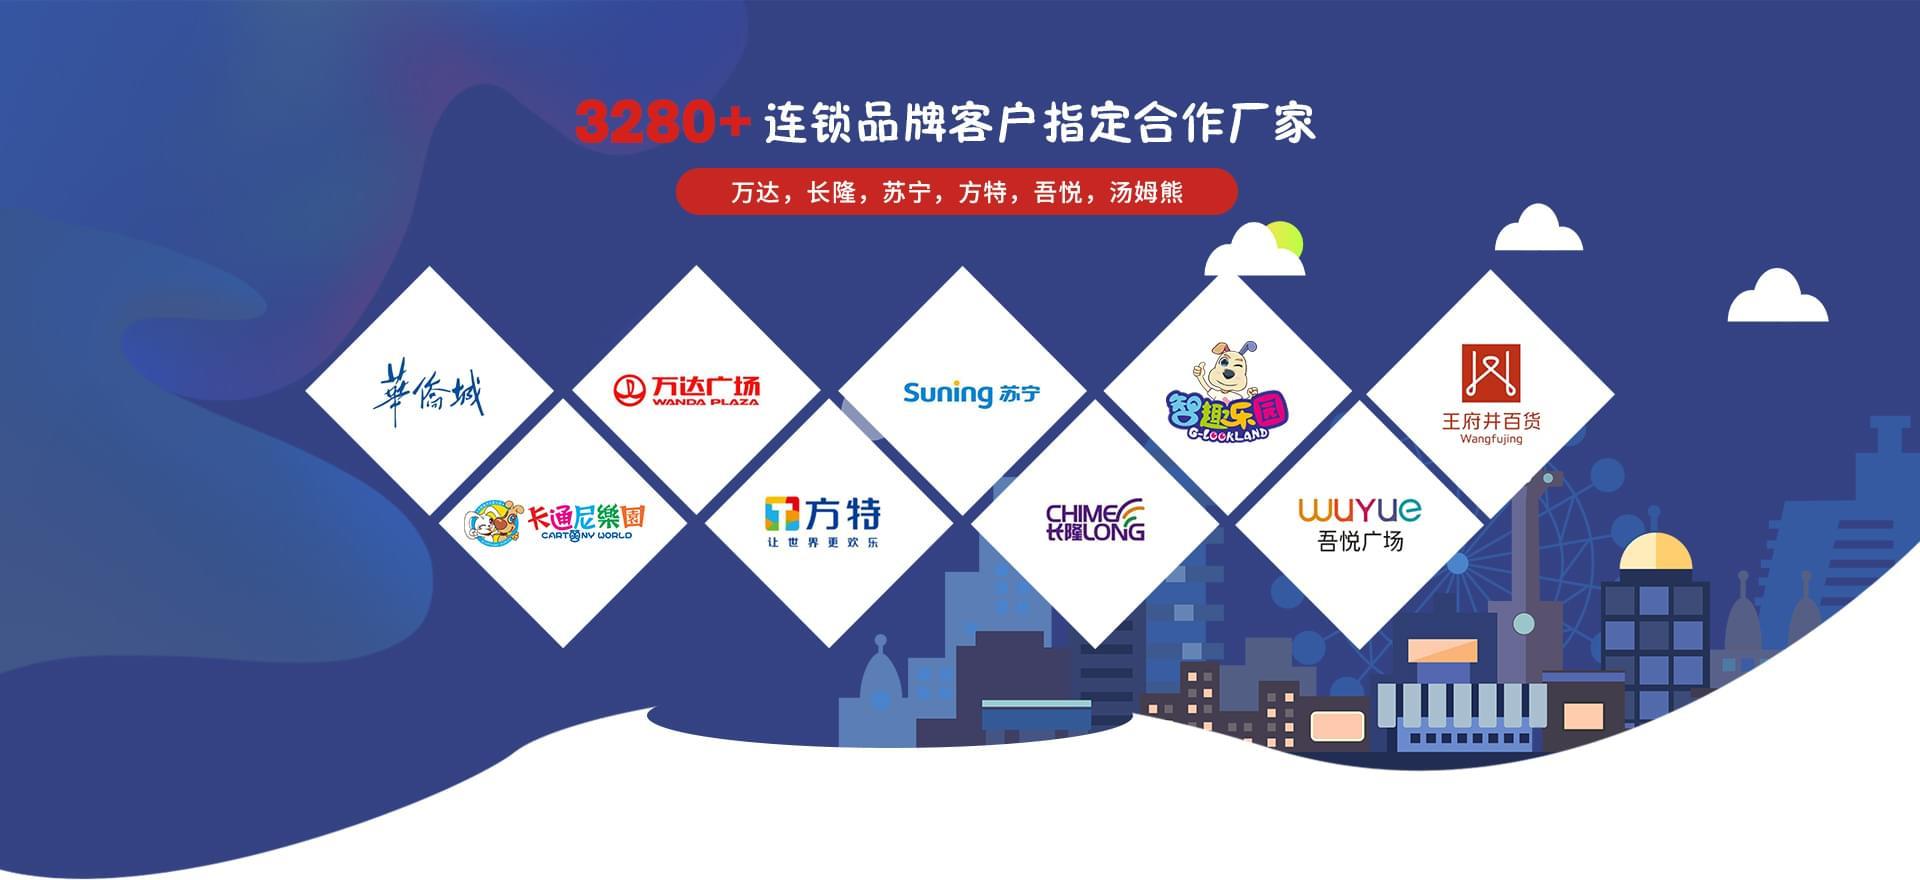 智乐-3280+连锁品牌客户指定合作厂家